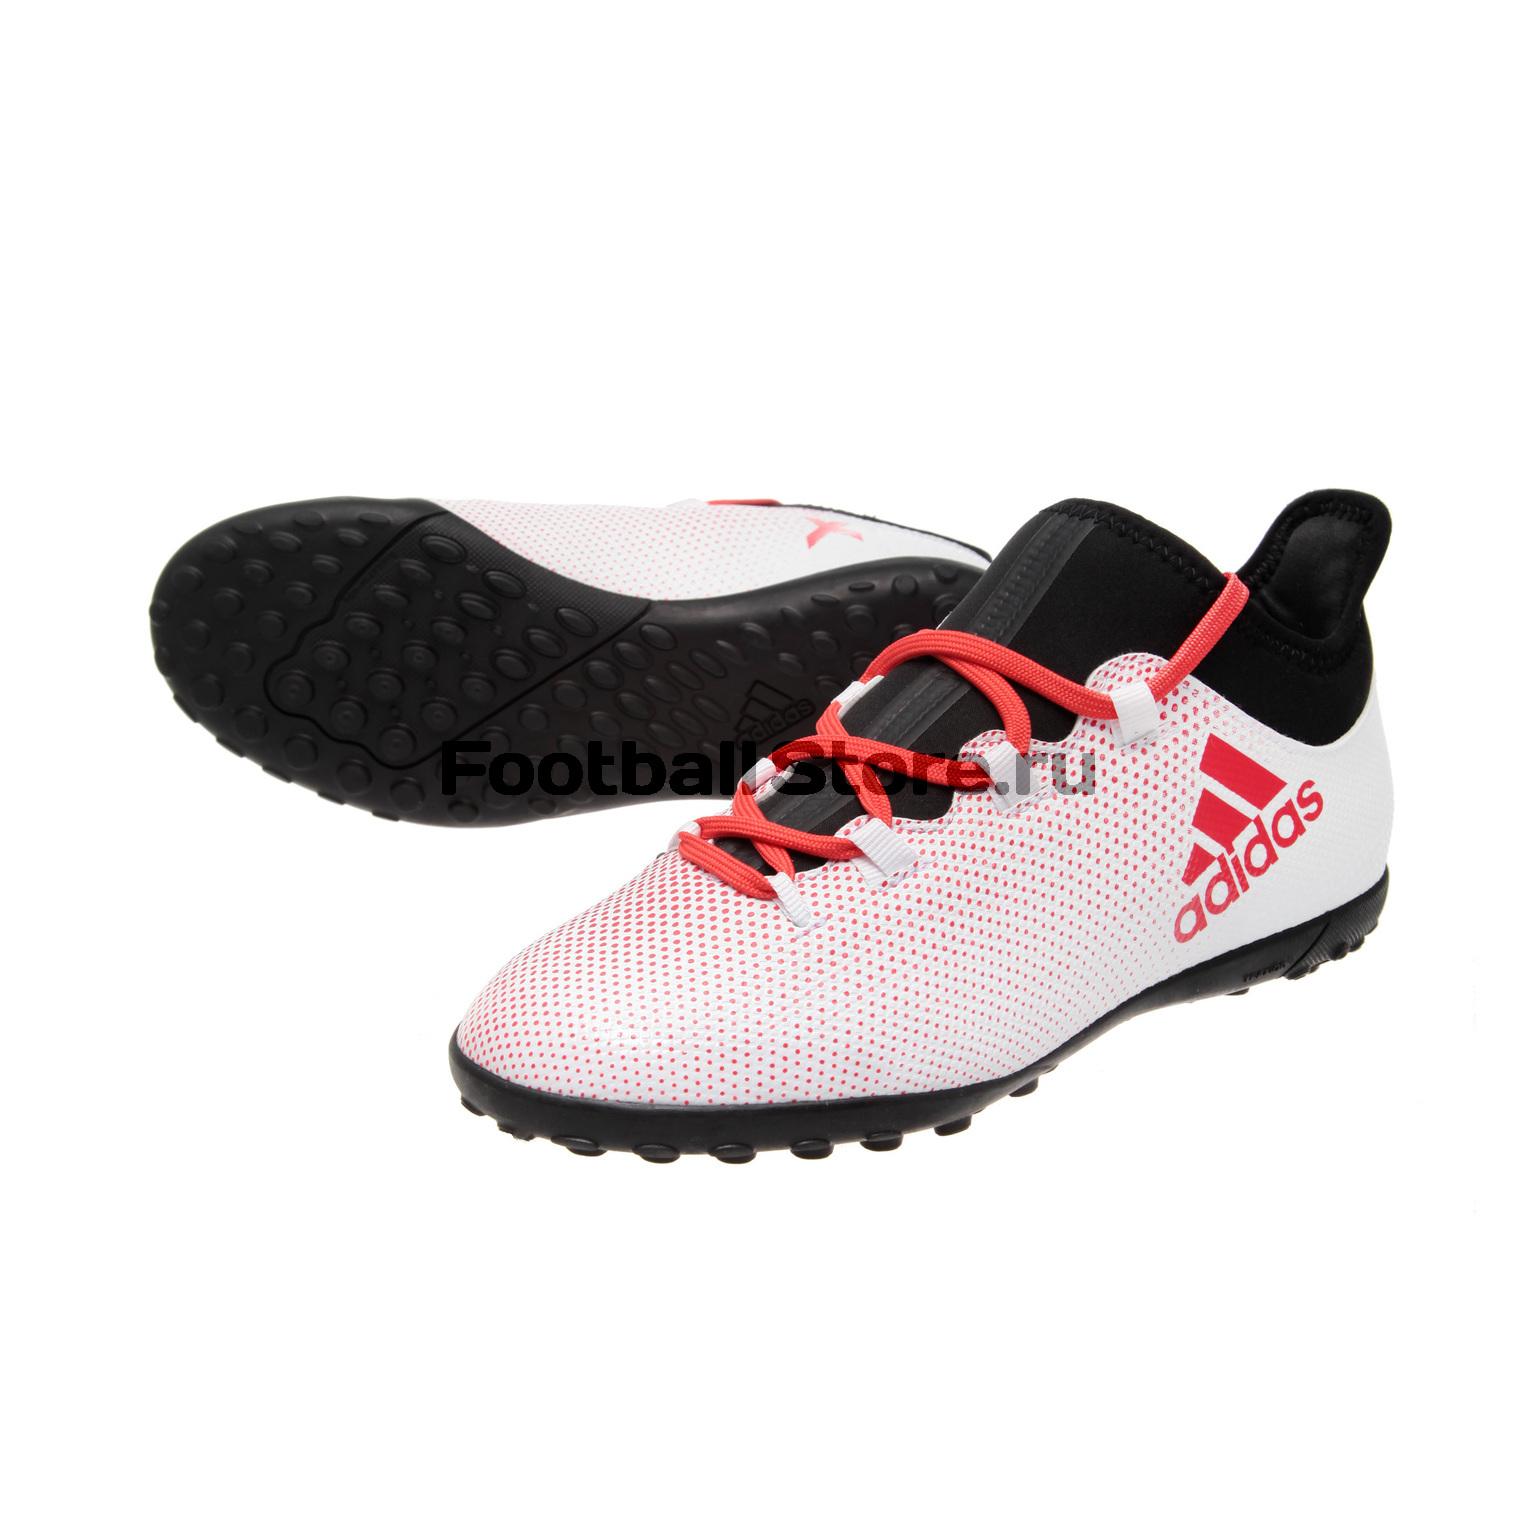 Шиповки детские Adidas X Tango 17.3 TF CP9025